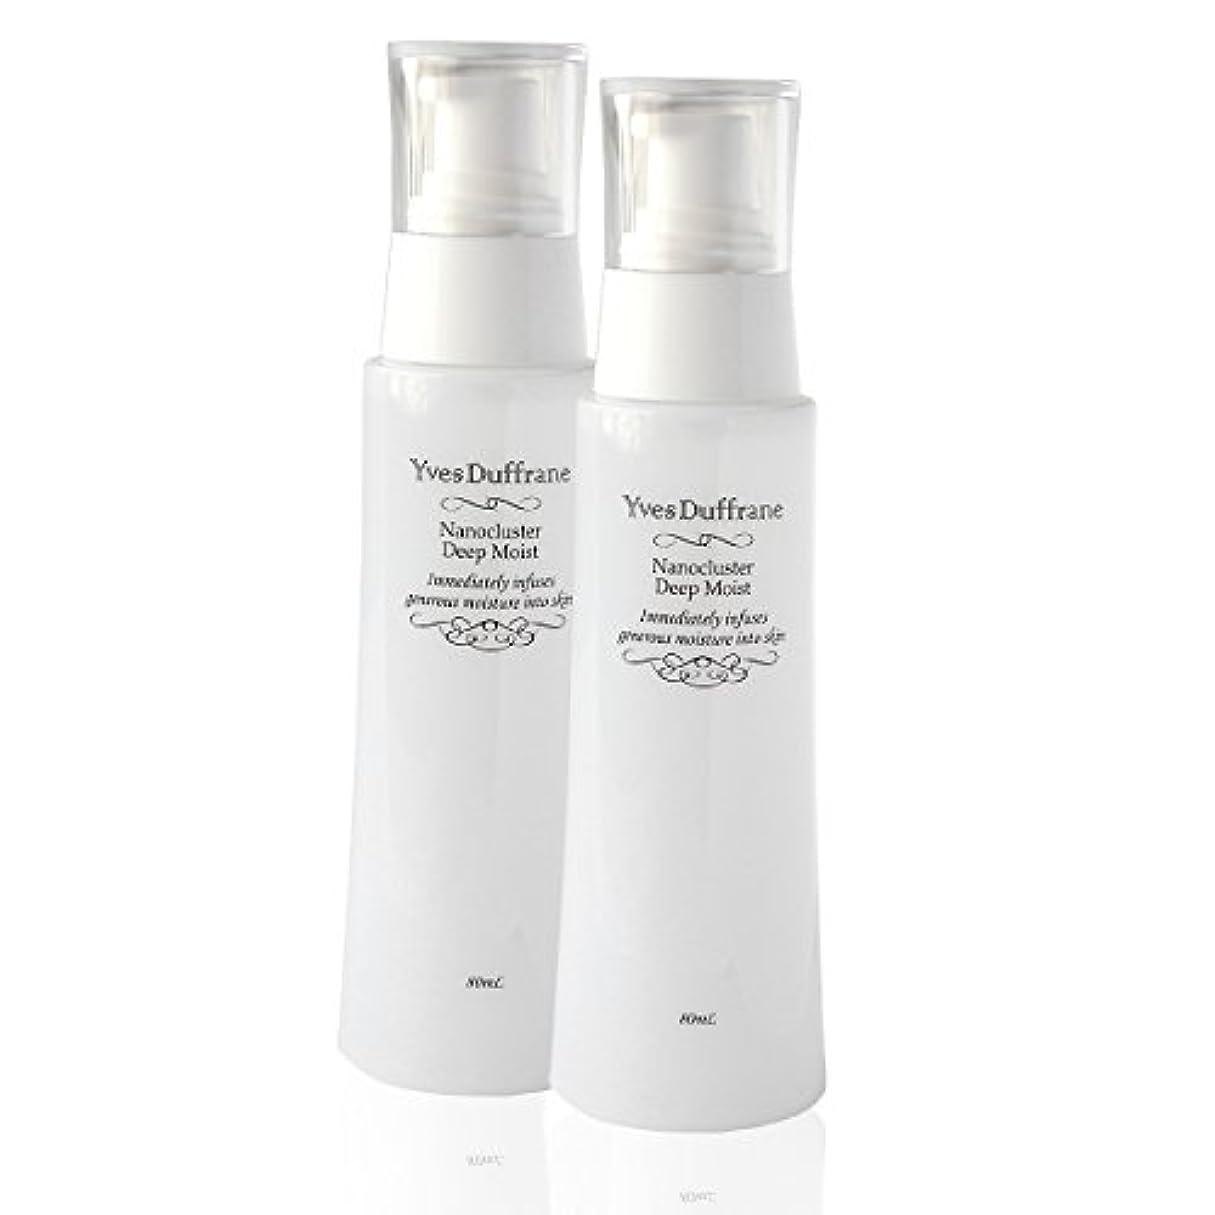 祖先飾る振るう化粧水 ( ナノ化粧水 2点セット)ナノ化 スクワラン 乾燥 毛穴 敏感肌 高保湿 高浸透 高品質 メンズ OK